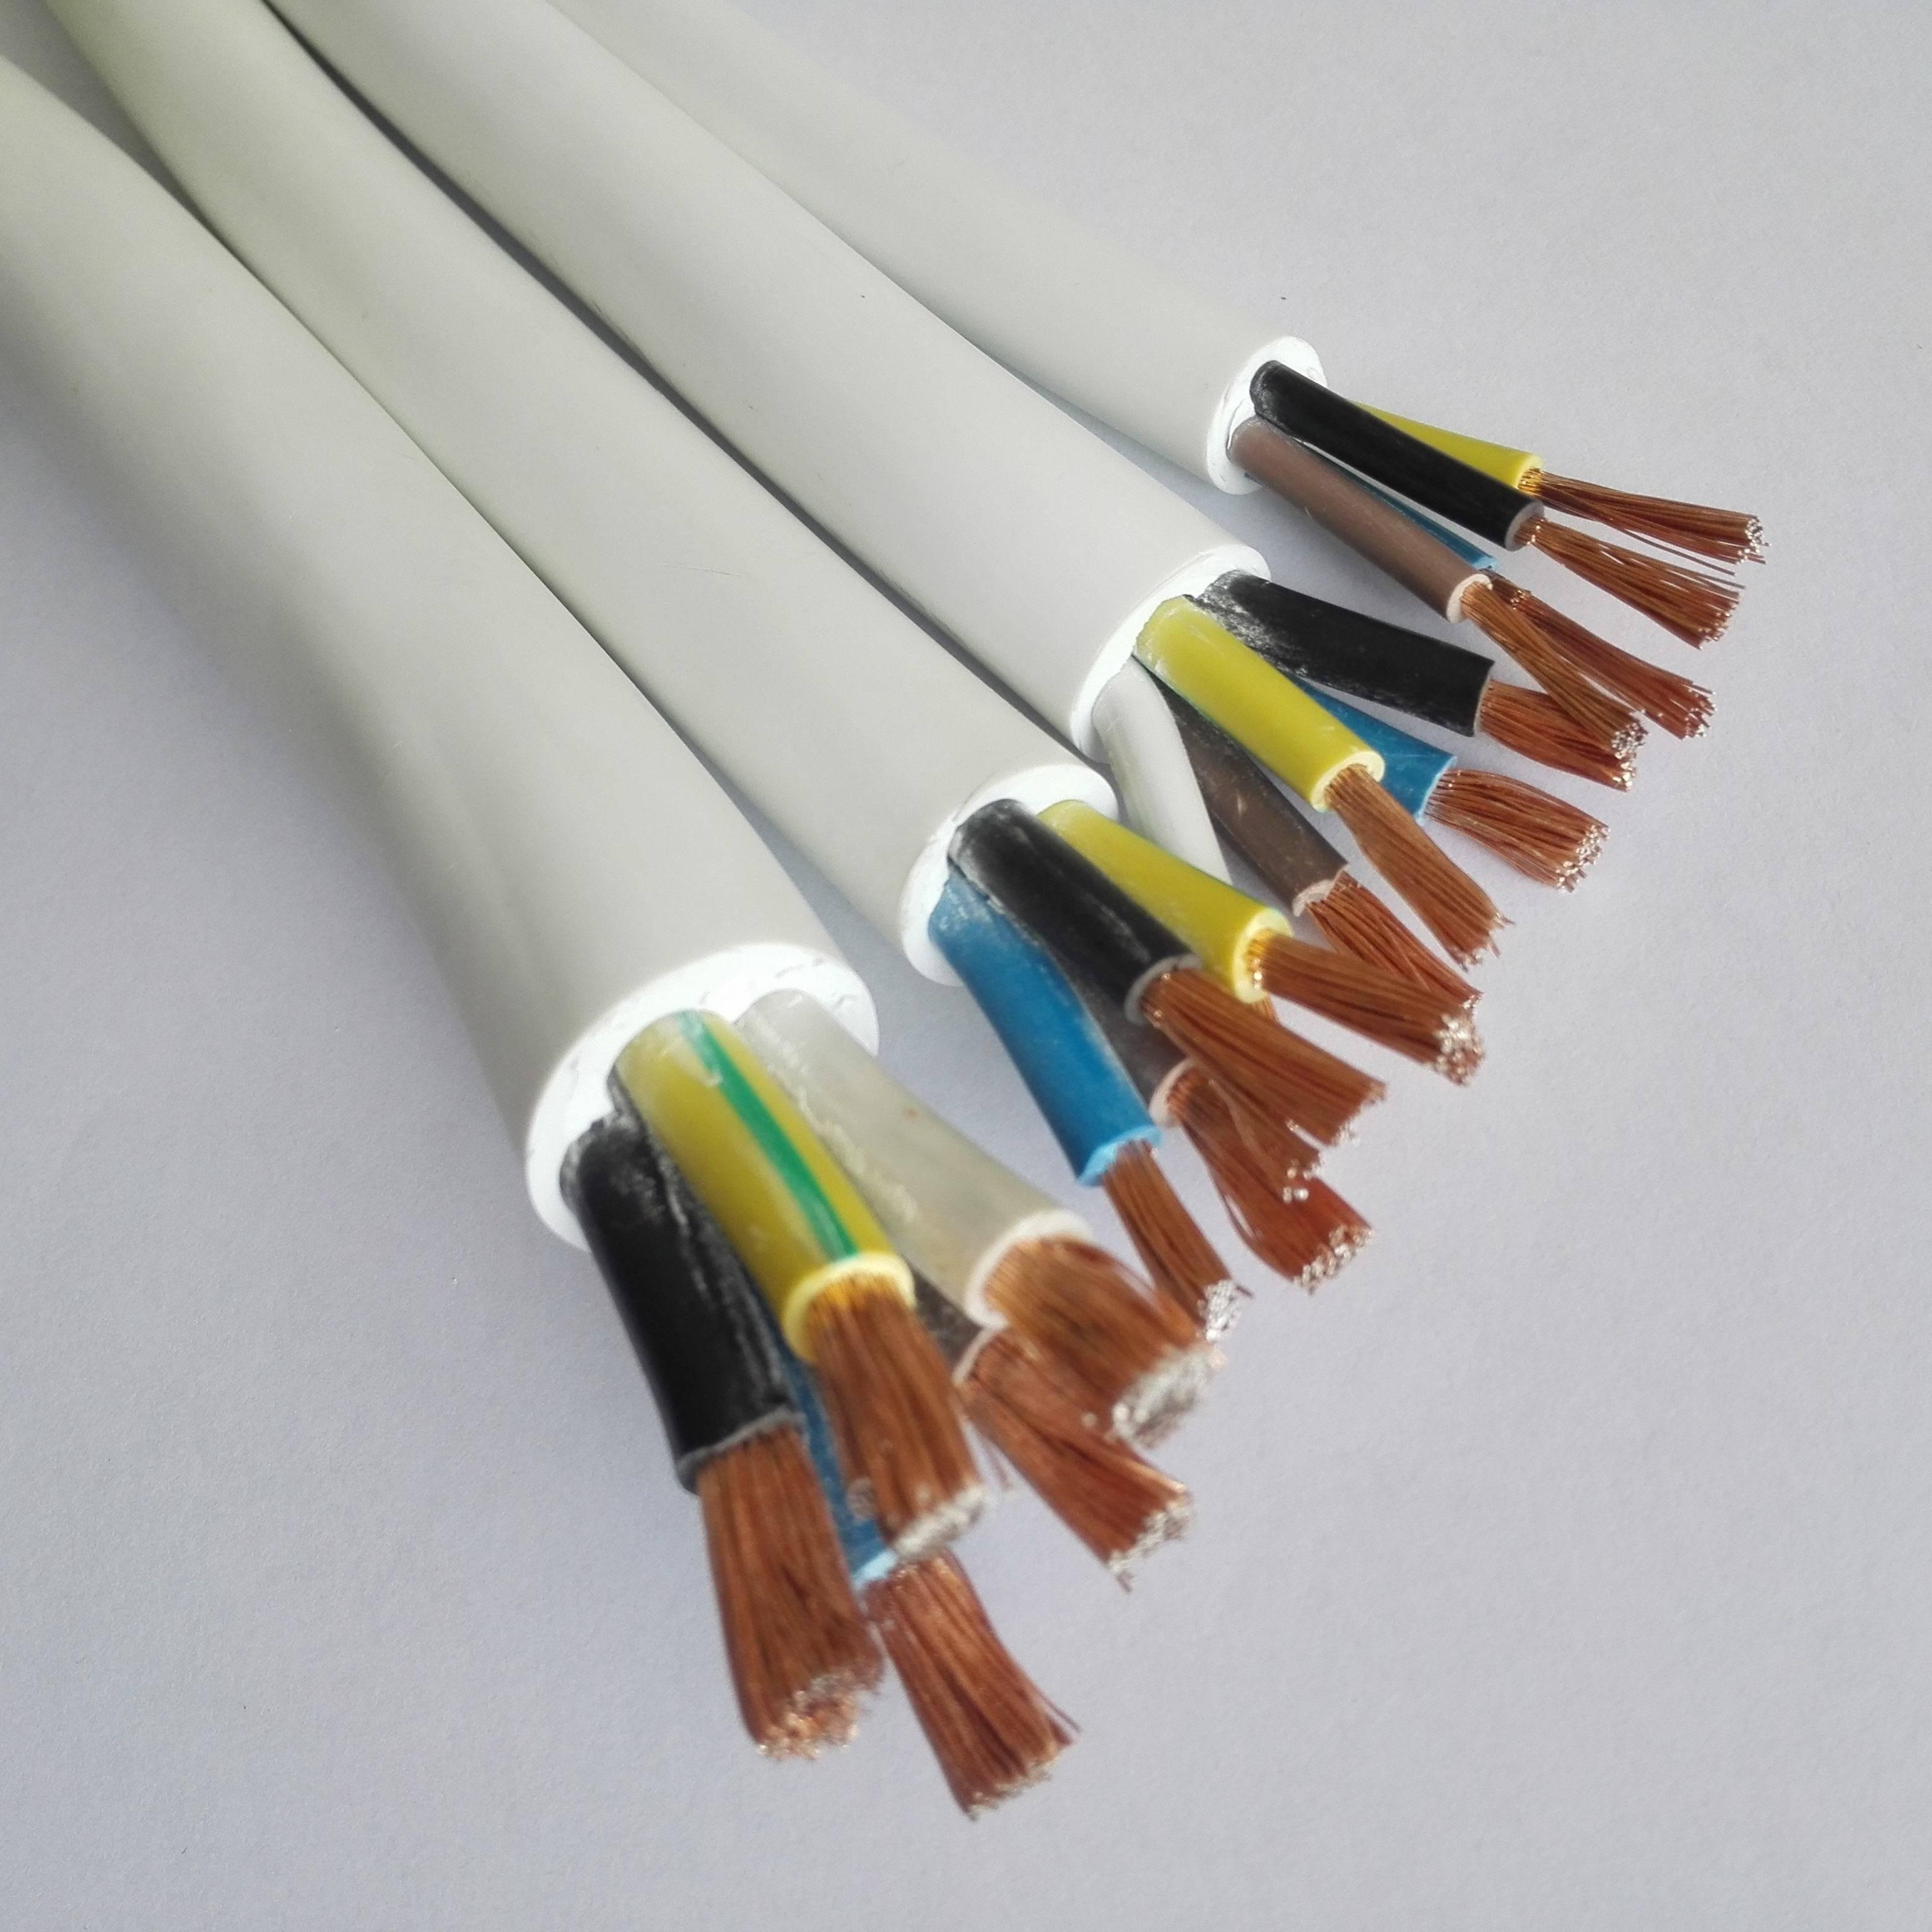 Виды электрических кабелей и проводов: силовых, сетевых, медных и их назначение